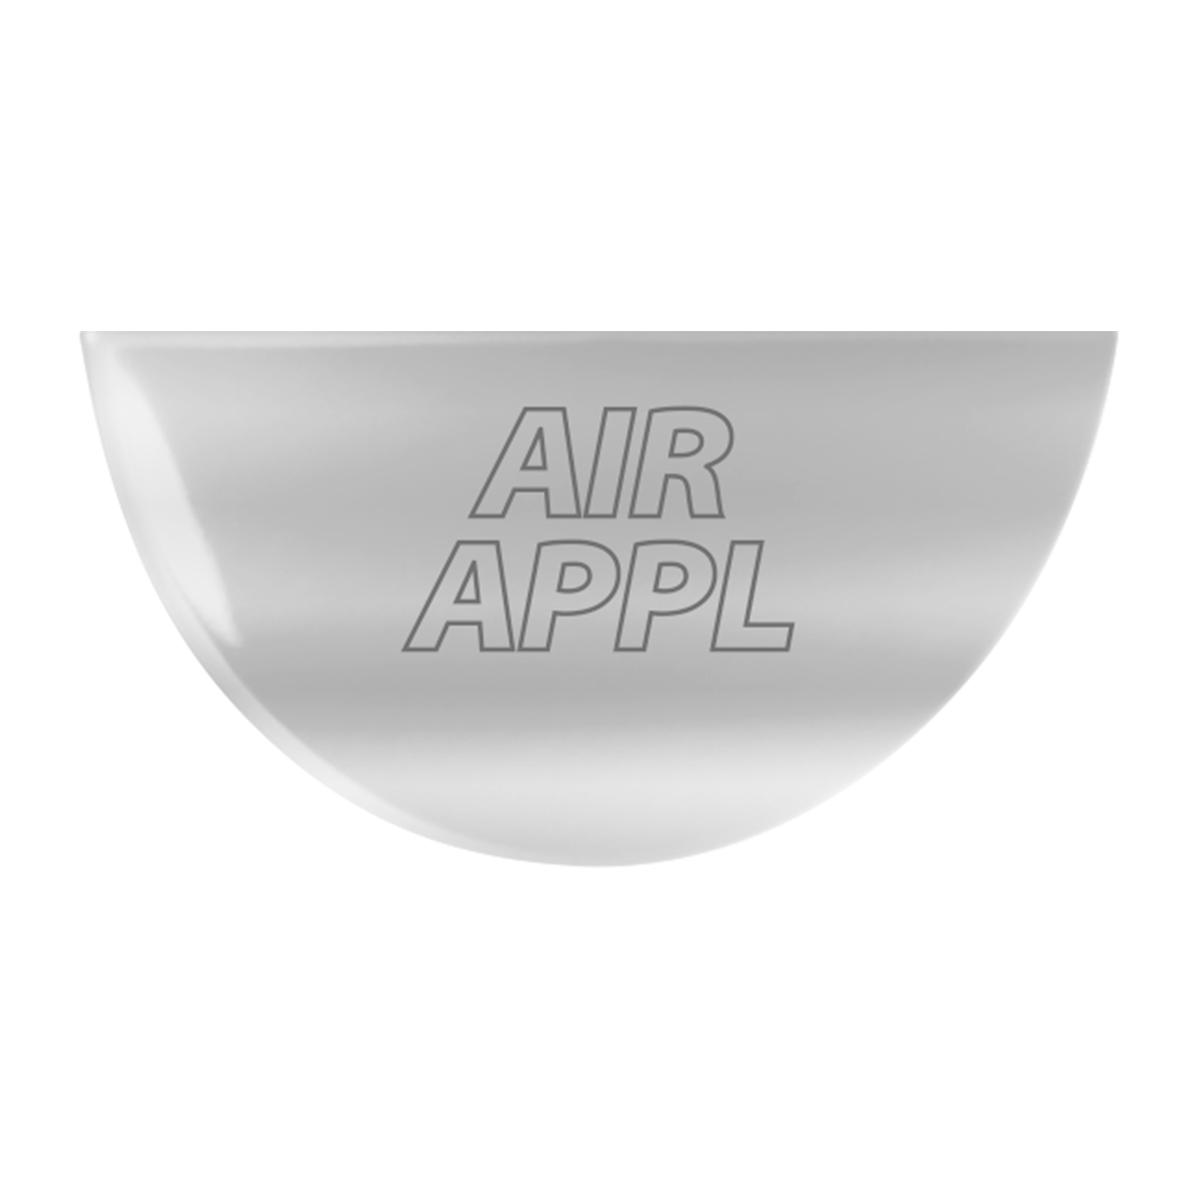 68780 FLT Stainless Steel Gauge Emblem